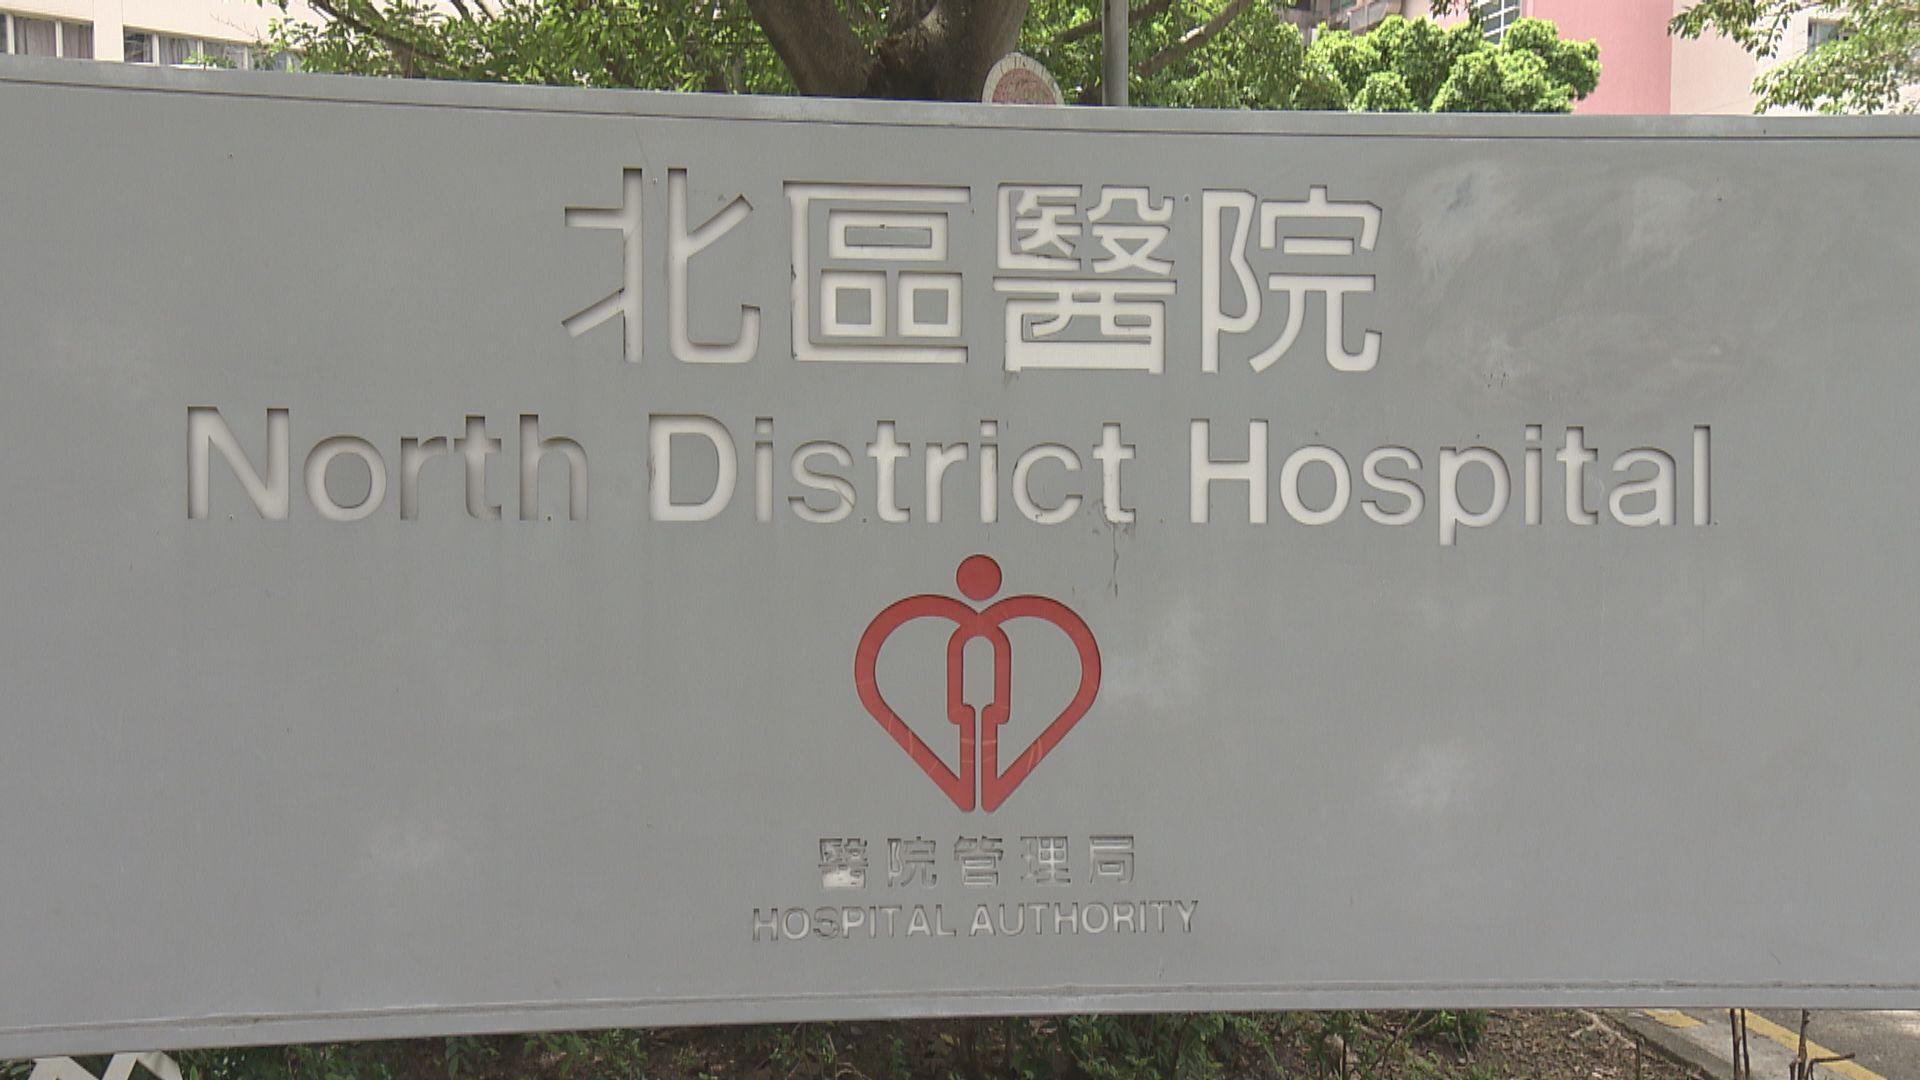 消息:北區醫院深切治療部醫生初步確診